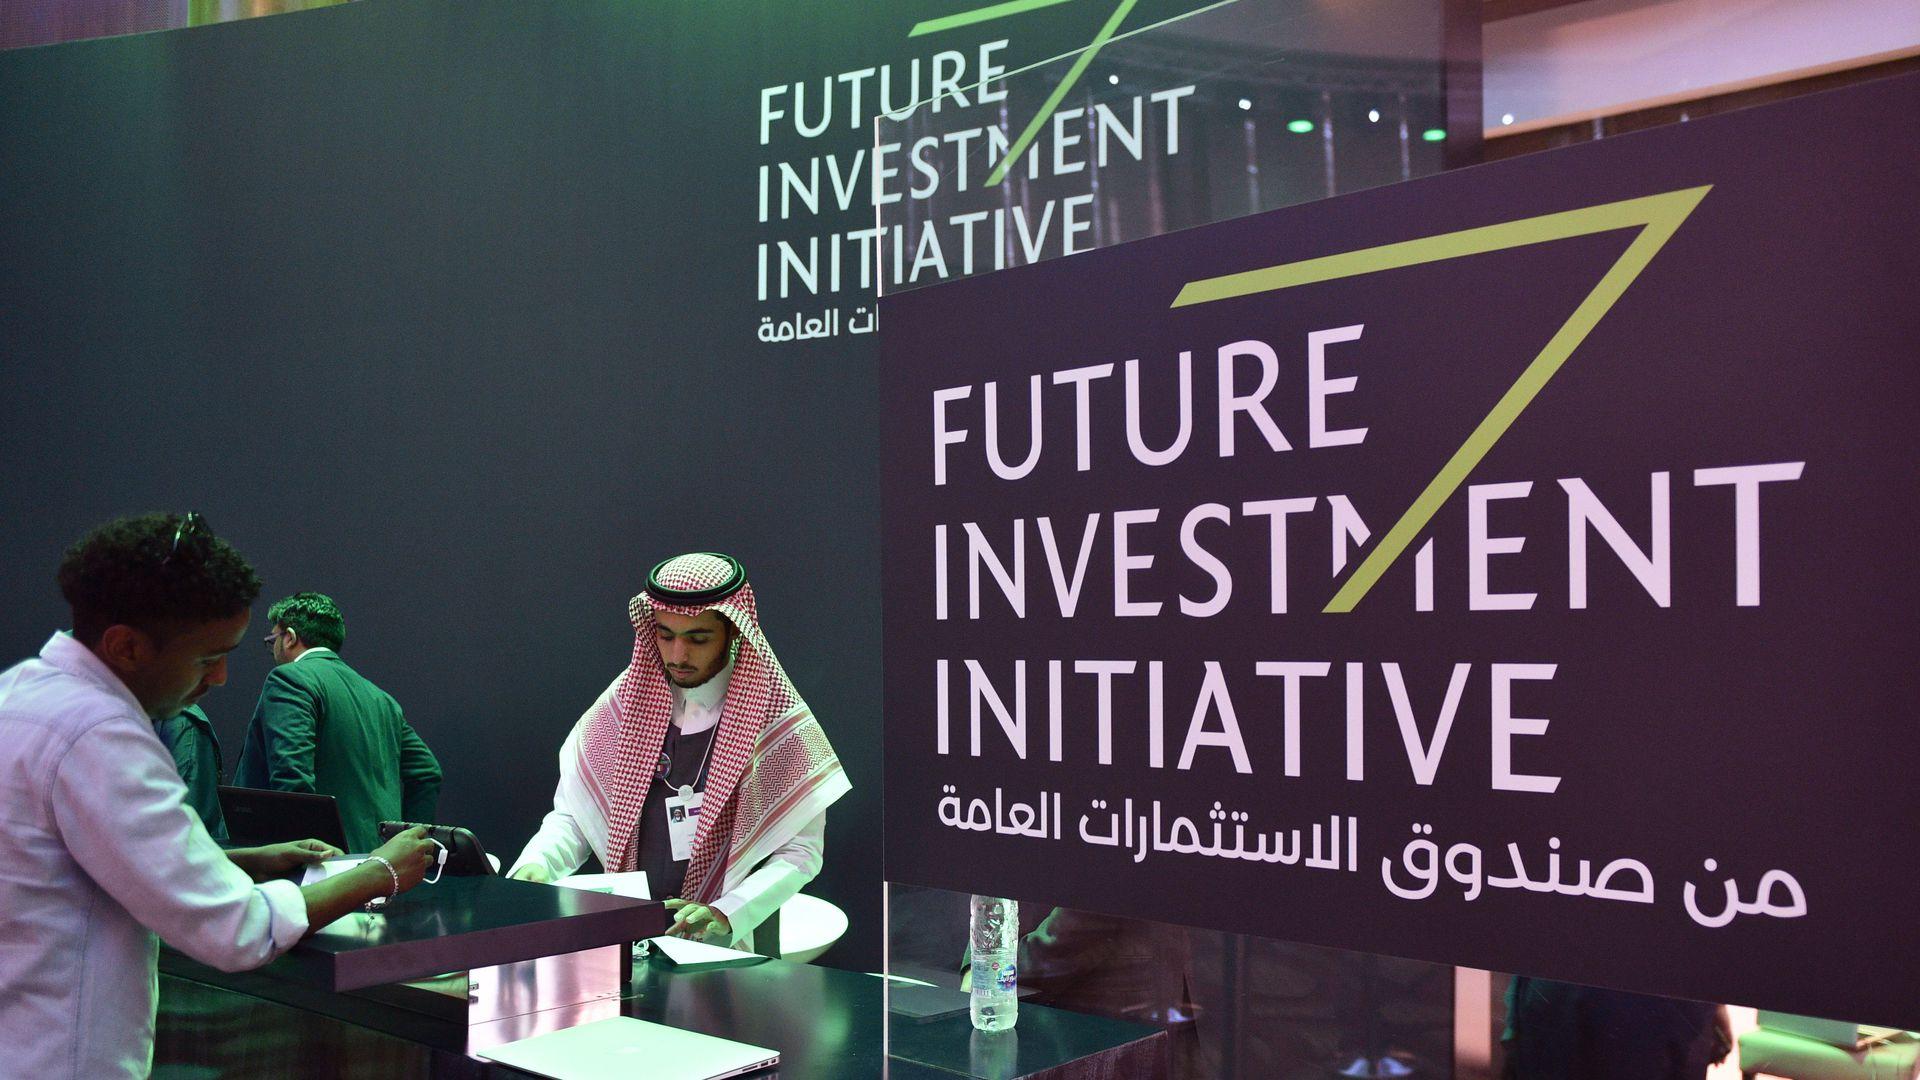 सऊदी व्यापार सम्मलेन में कई अन्तराष्ट्रीय निवेशकों ने पीछे लिए कदम